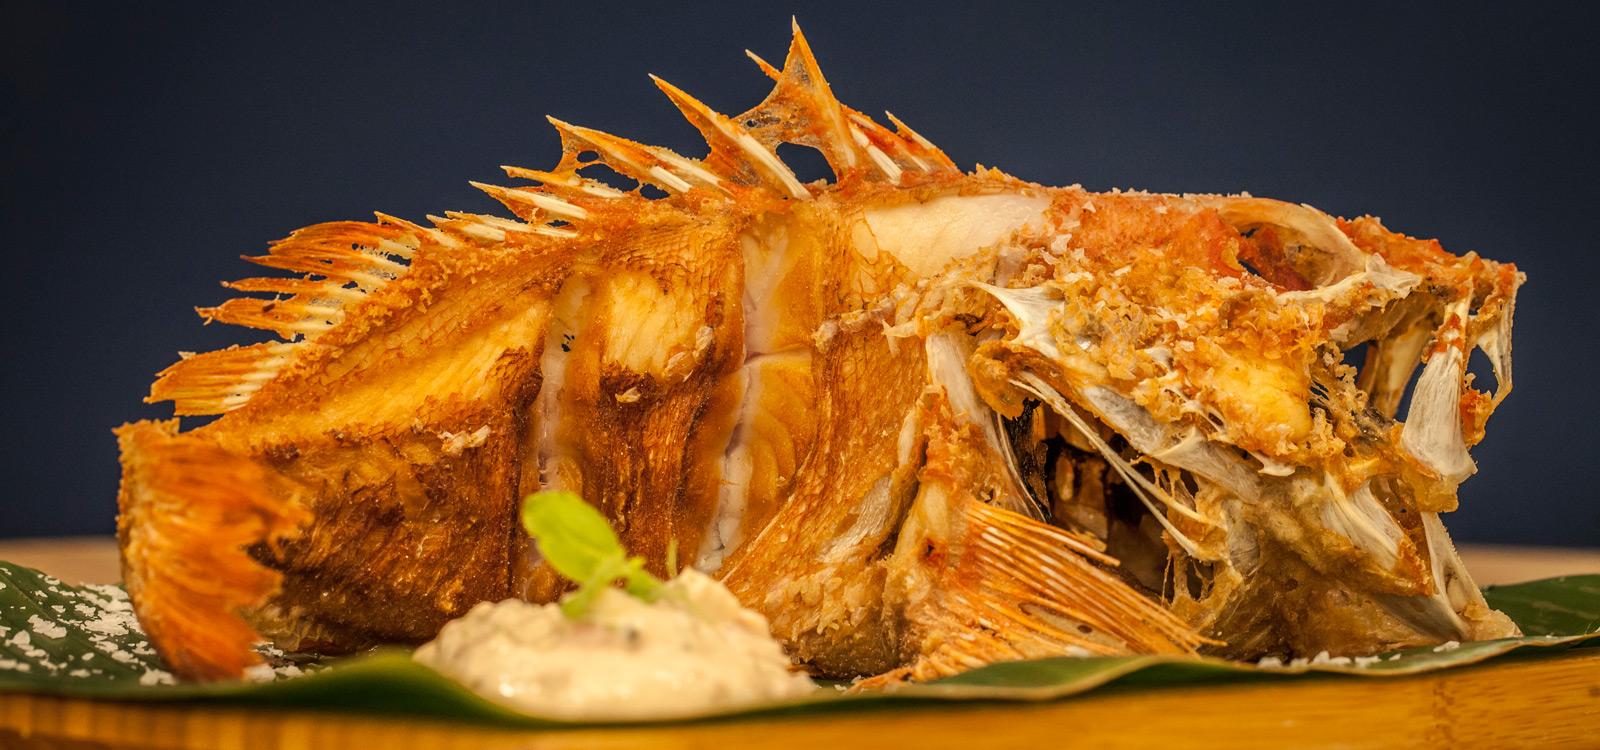 Restaurante Sargo, cocina de mercado. El arrecife de Madrid